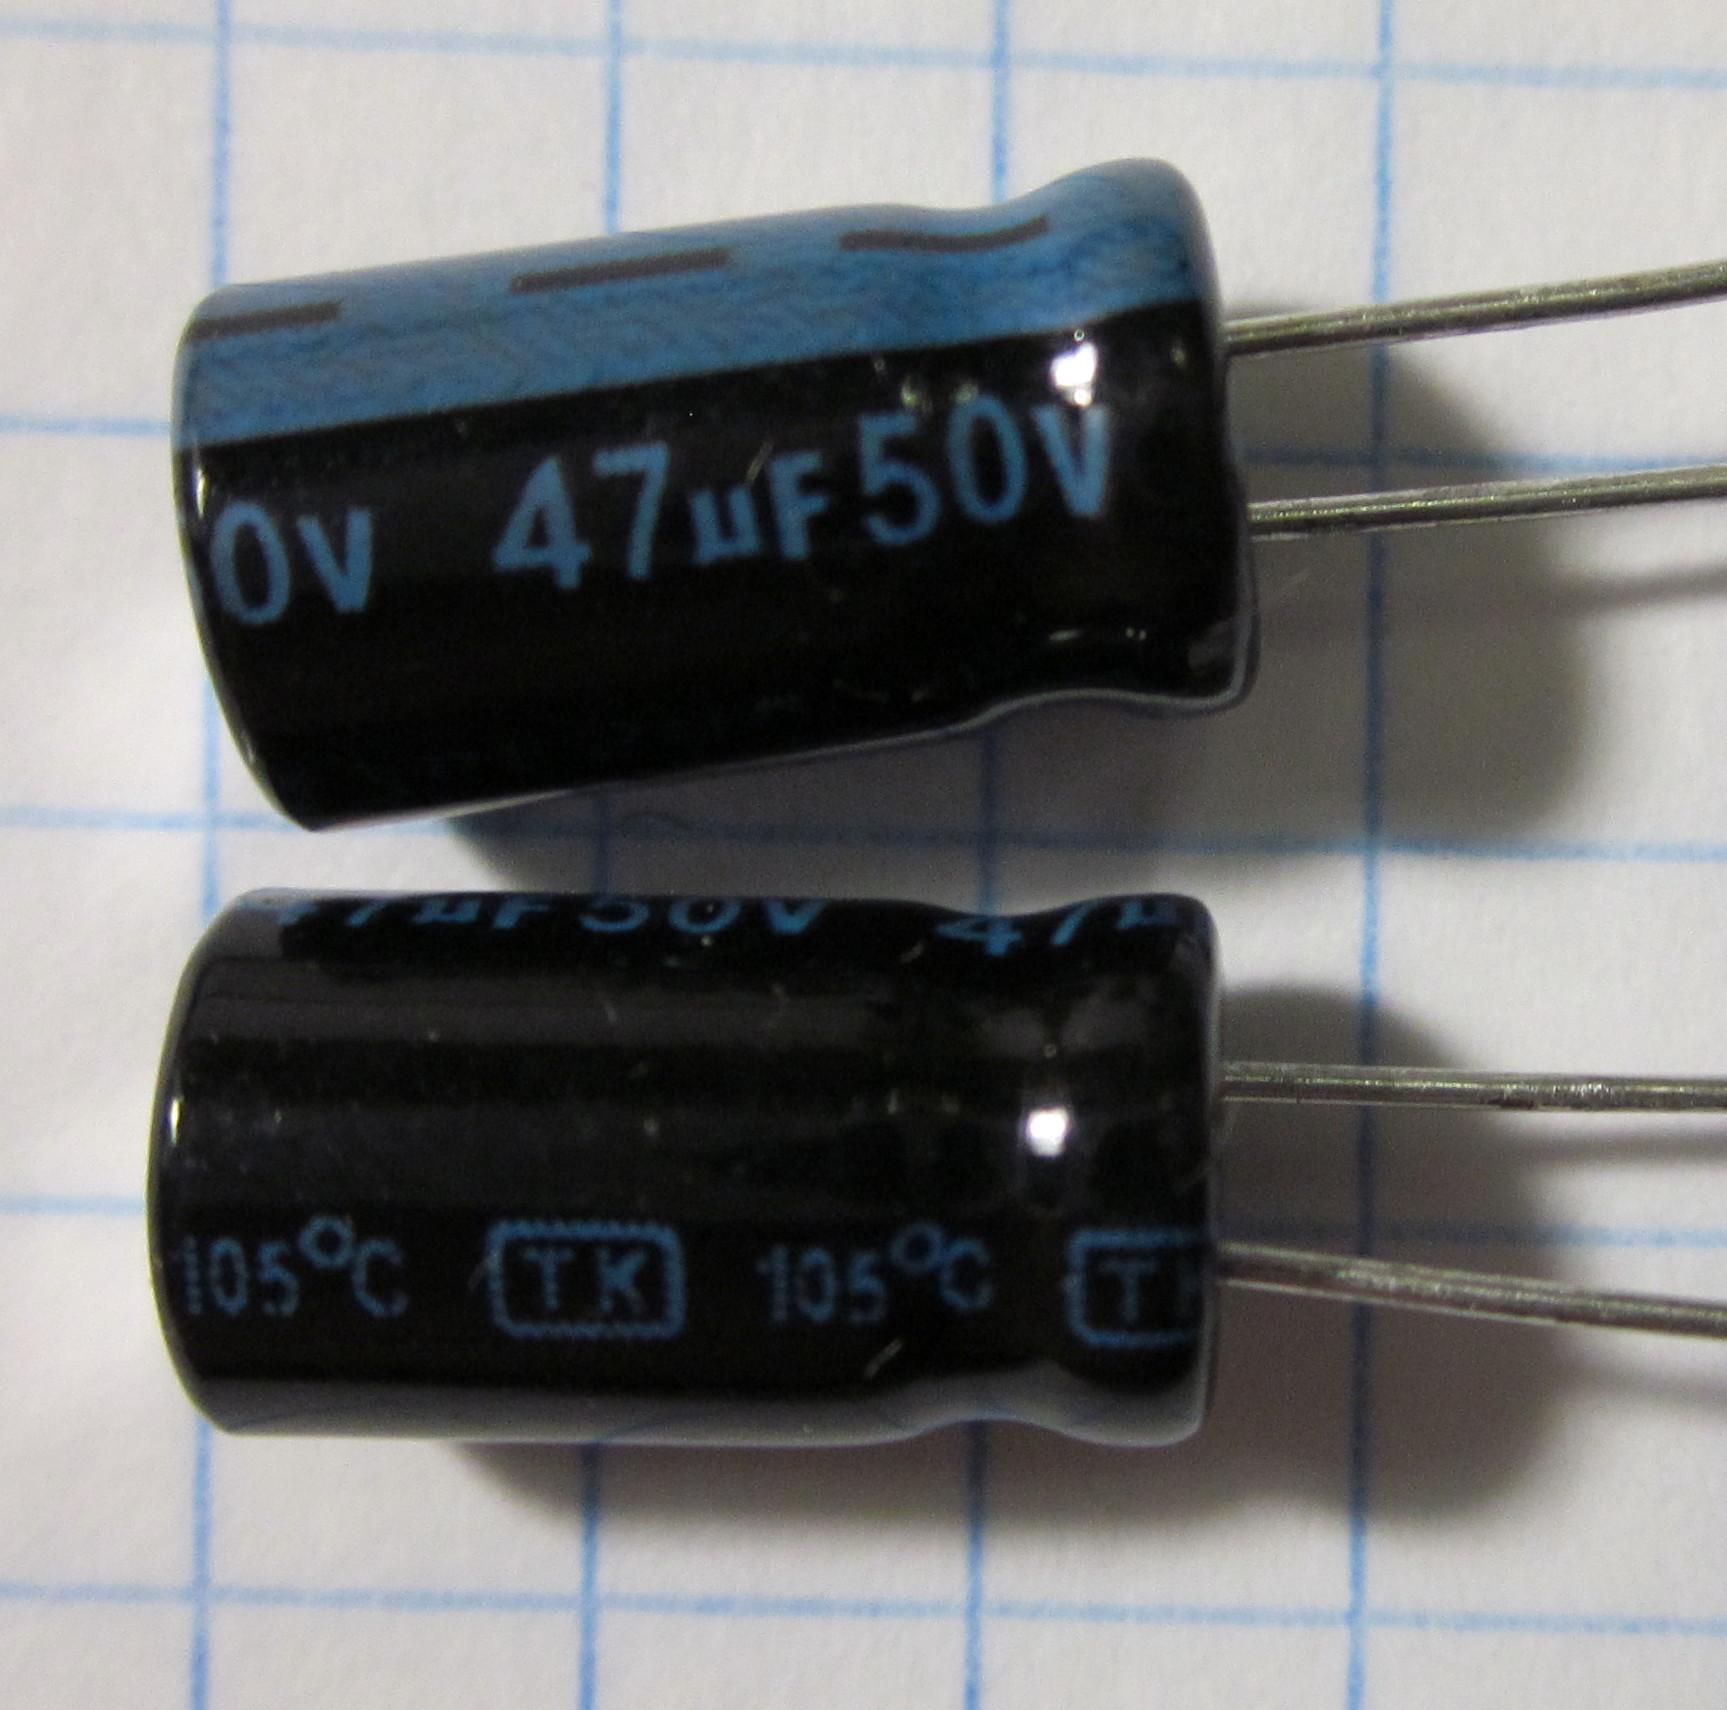 47,0x50В 105С